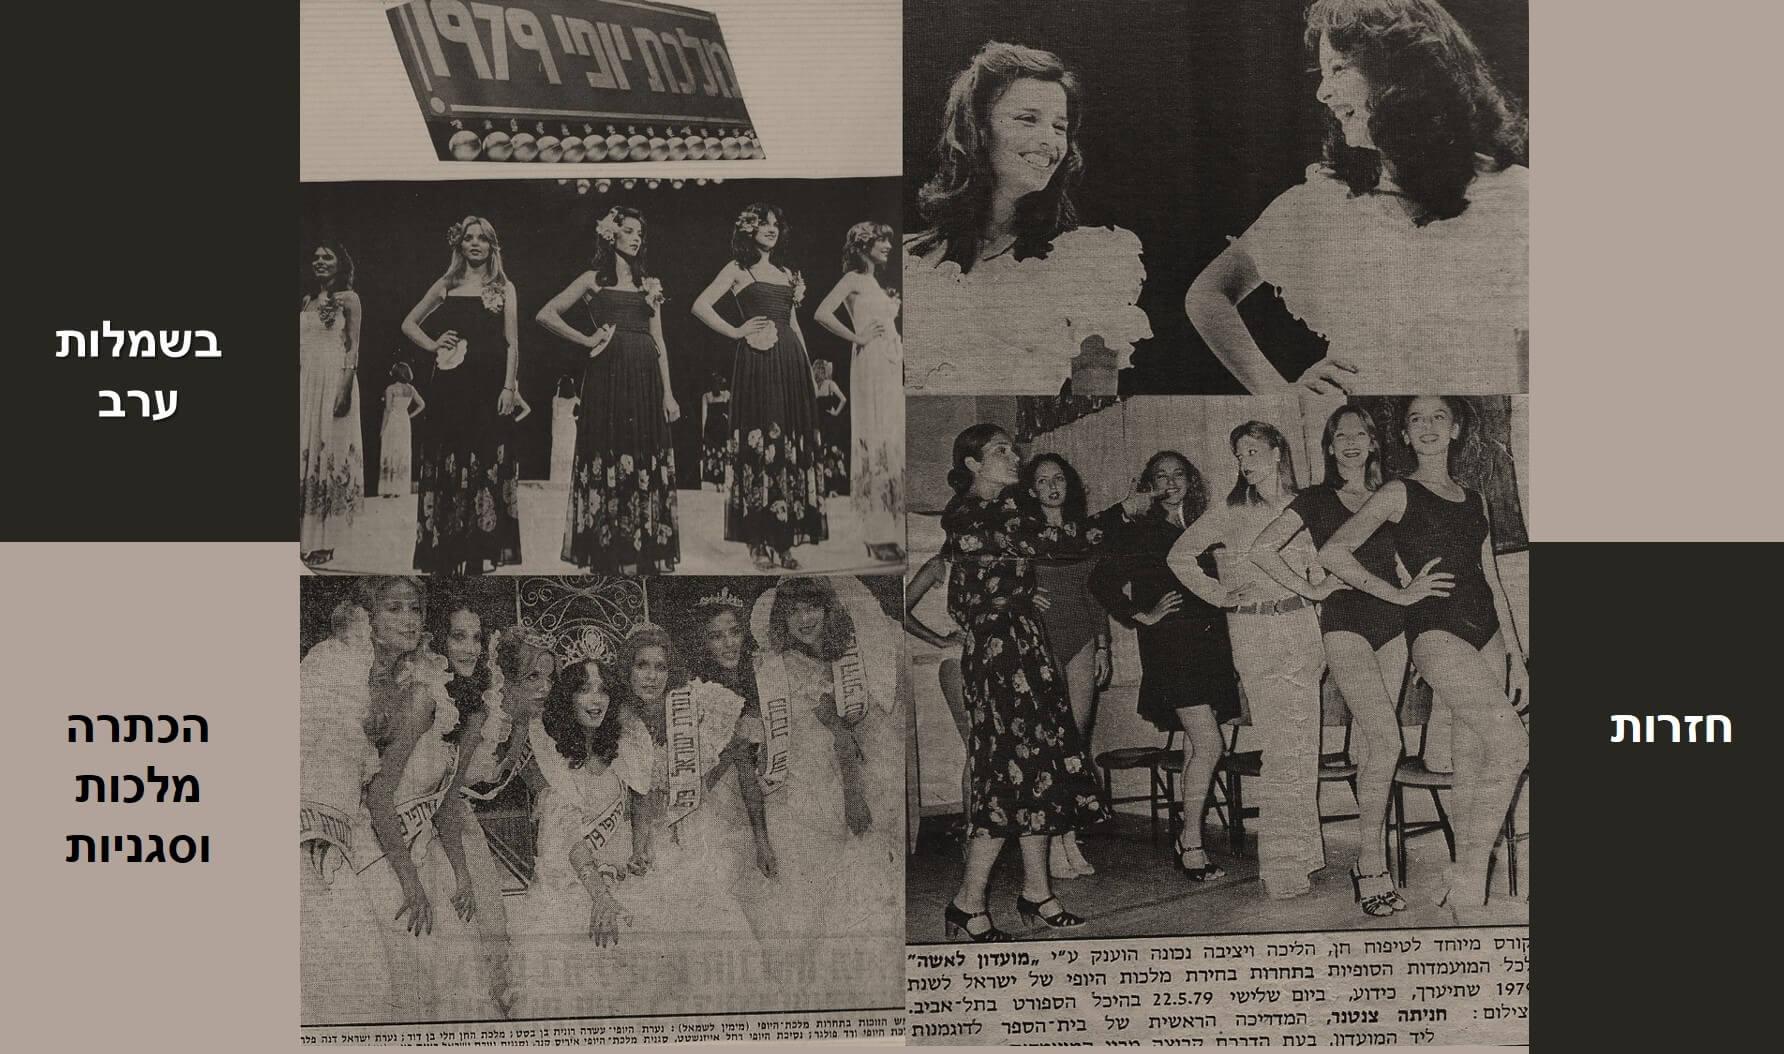 חלי בין המועמדות בתחרות מלכת היופי 1979ובחזרות